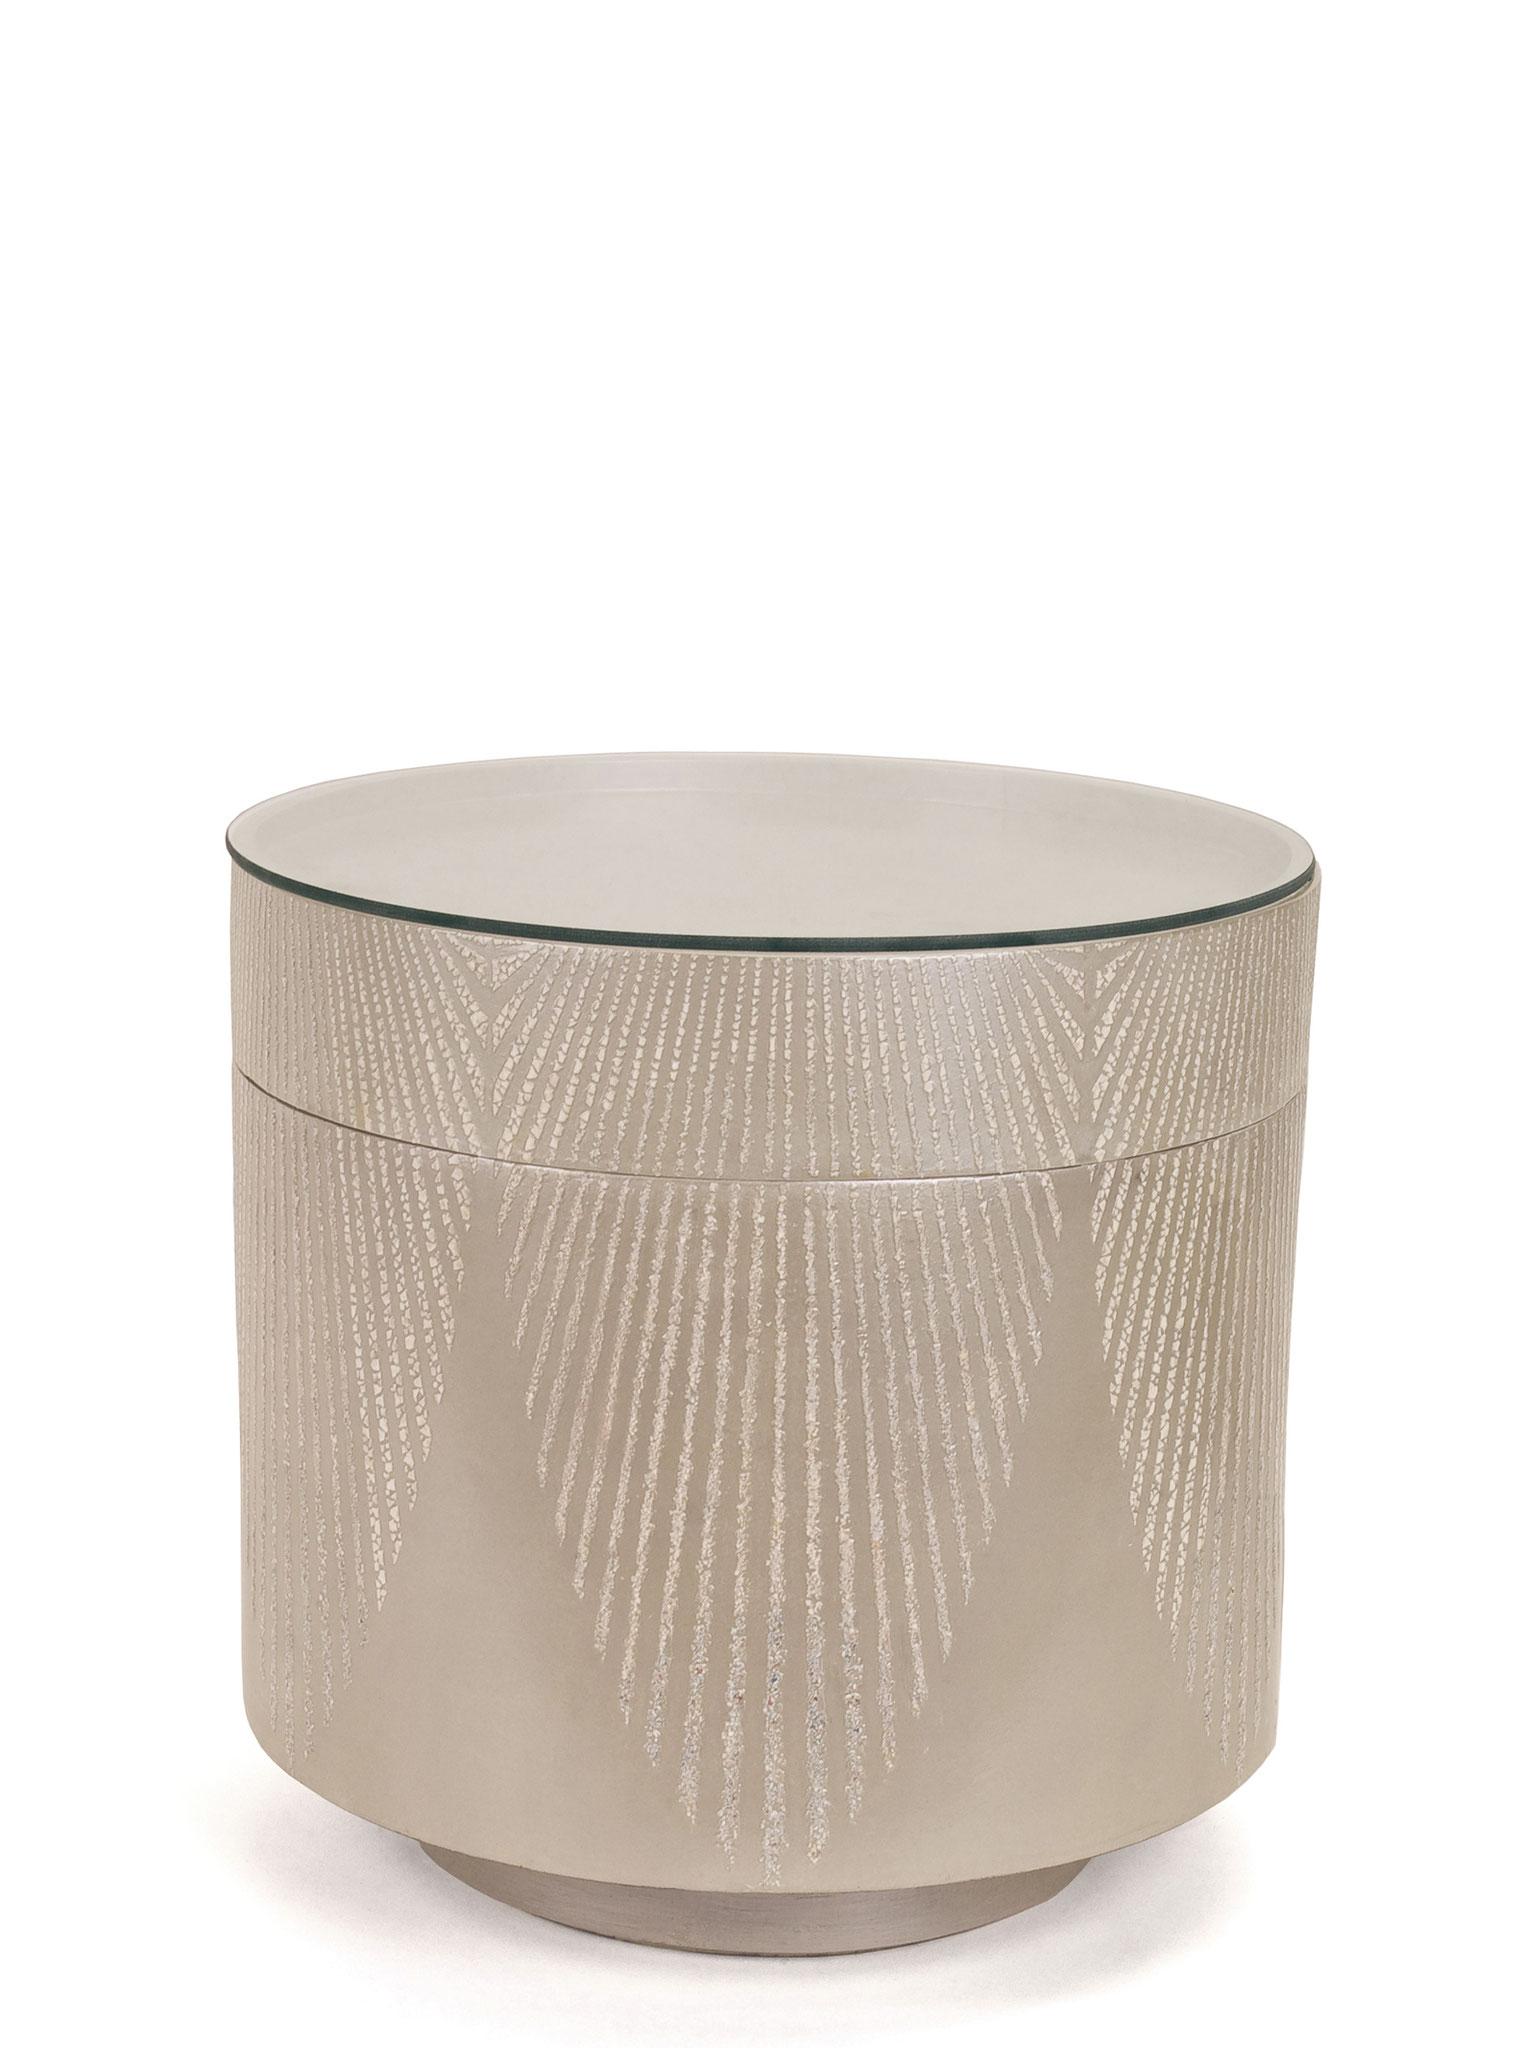 Table basse laquée avec incrustations de coquilles d'œuf - Ancienne boîte à chapeau de Chine - 36 x 41 cm